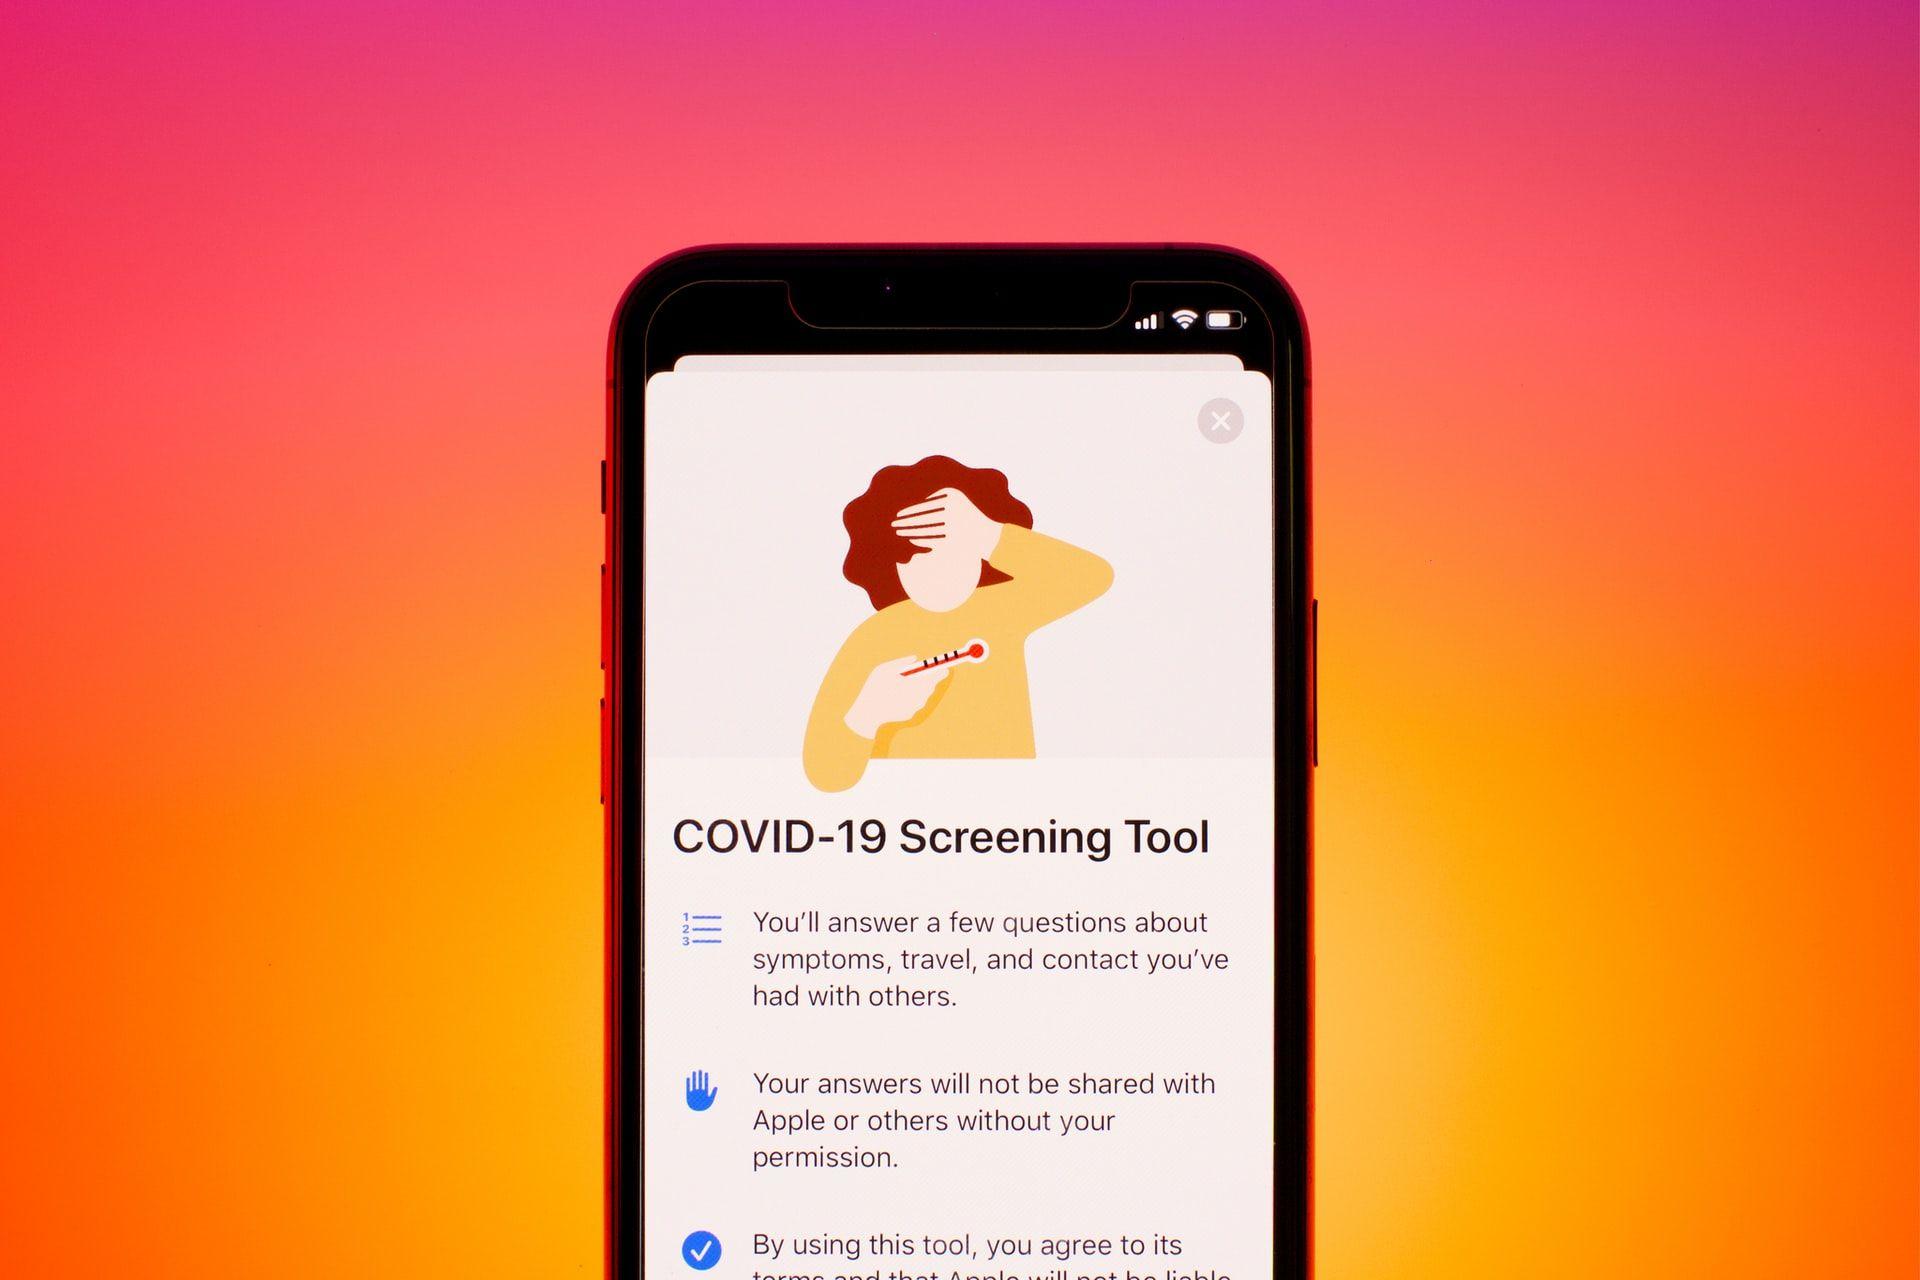 Вакцинуйся, щоб розблокувати айфон. Маніпуляції і фейки про коронавірус в українських медіа 27 вересня — 3 жовтня 2021 року